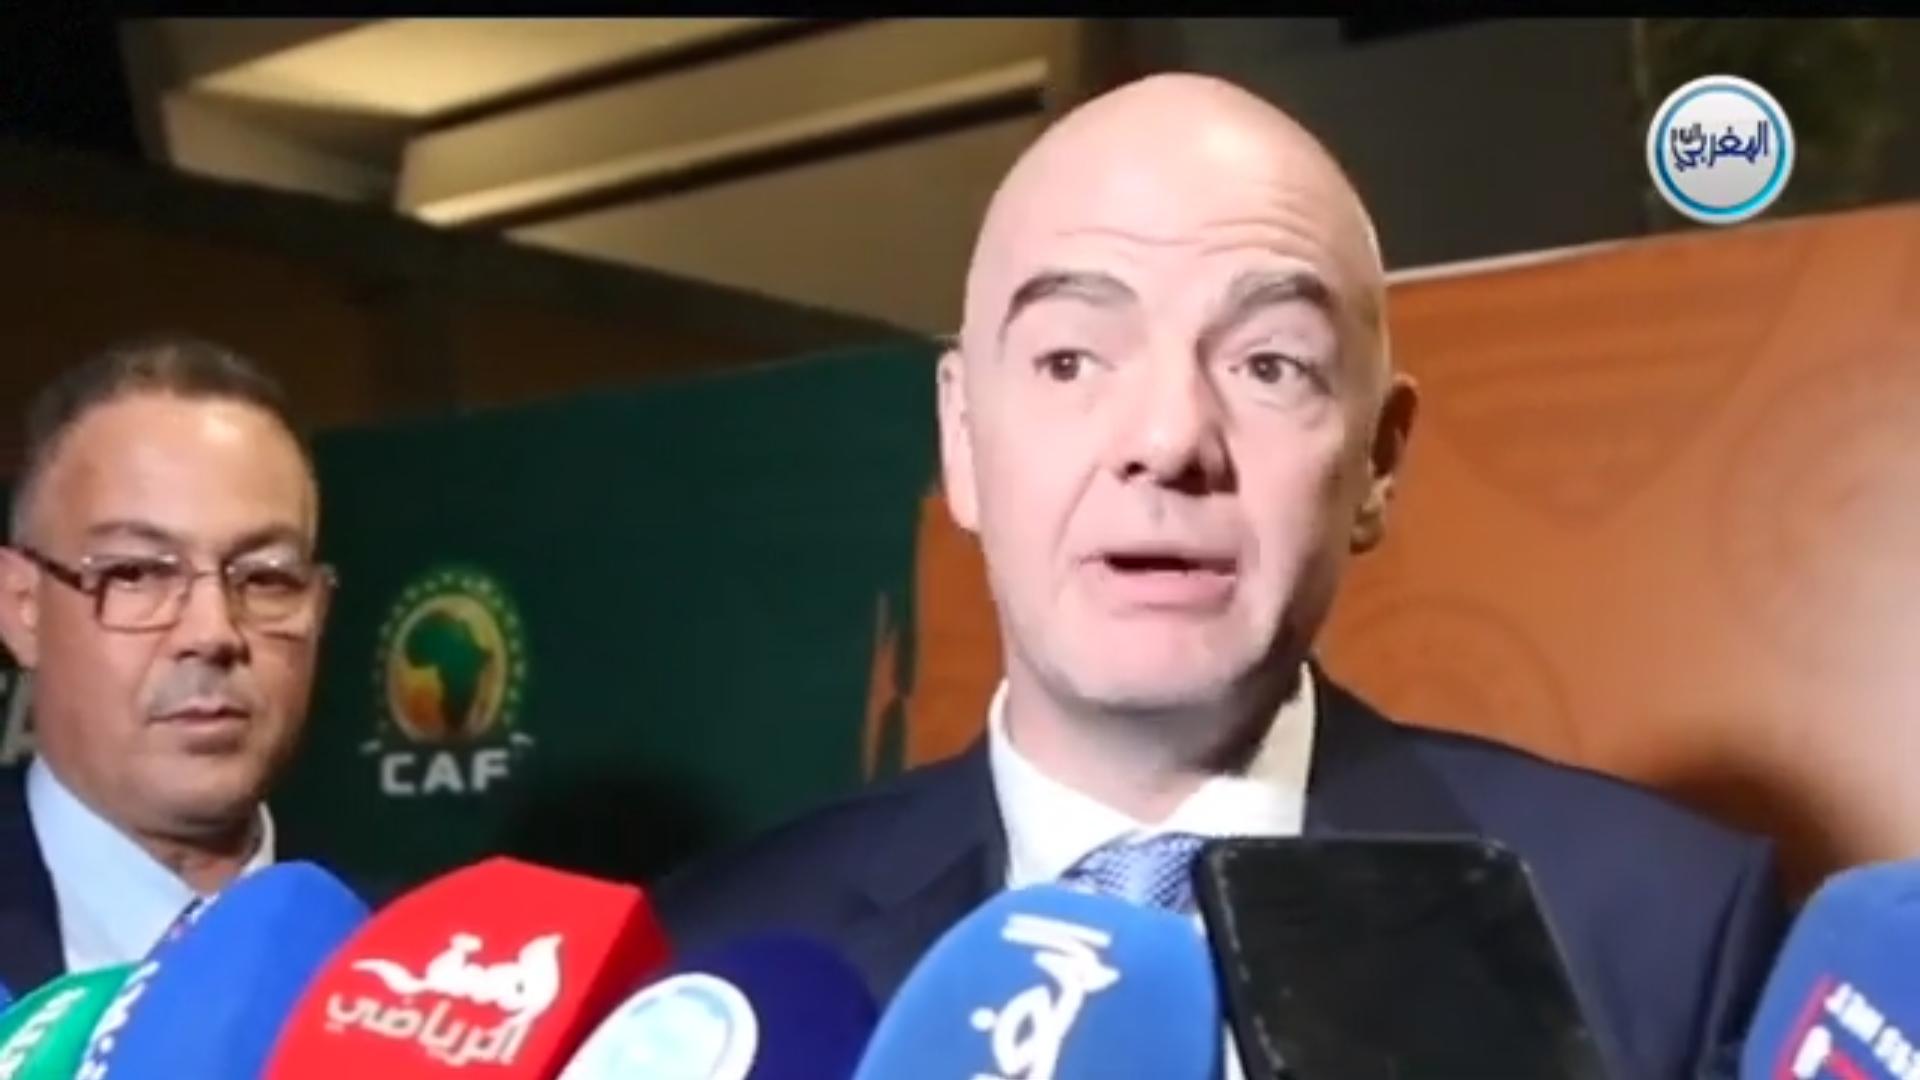 """بالفيديو… جياني إنفانتينو رئيس الفيفا يكشف ل""""المغربي اليوم"""" وصفته السحرية لتطوير كرة القدم الإفريقية"""